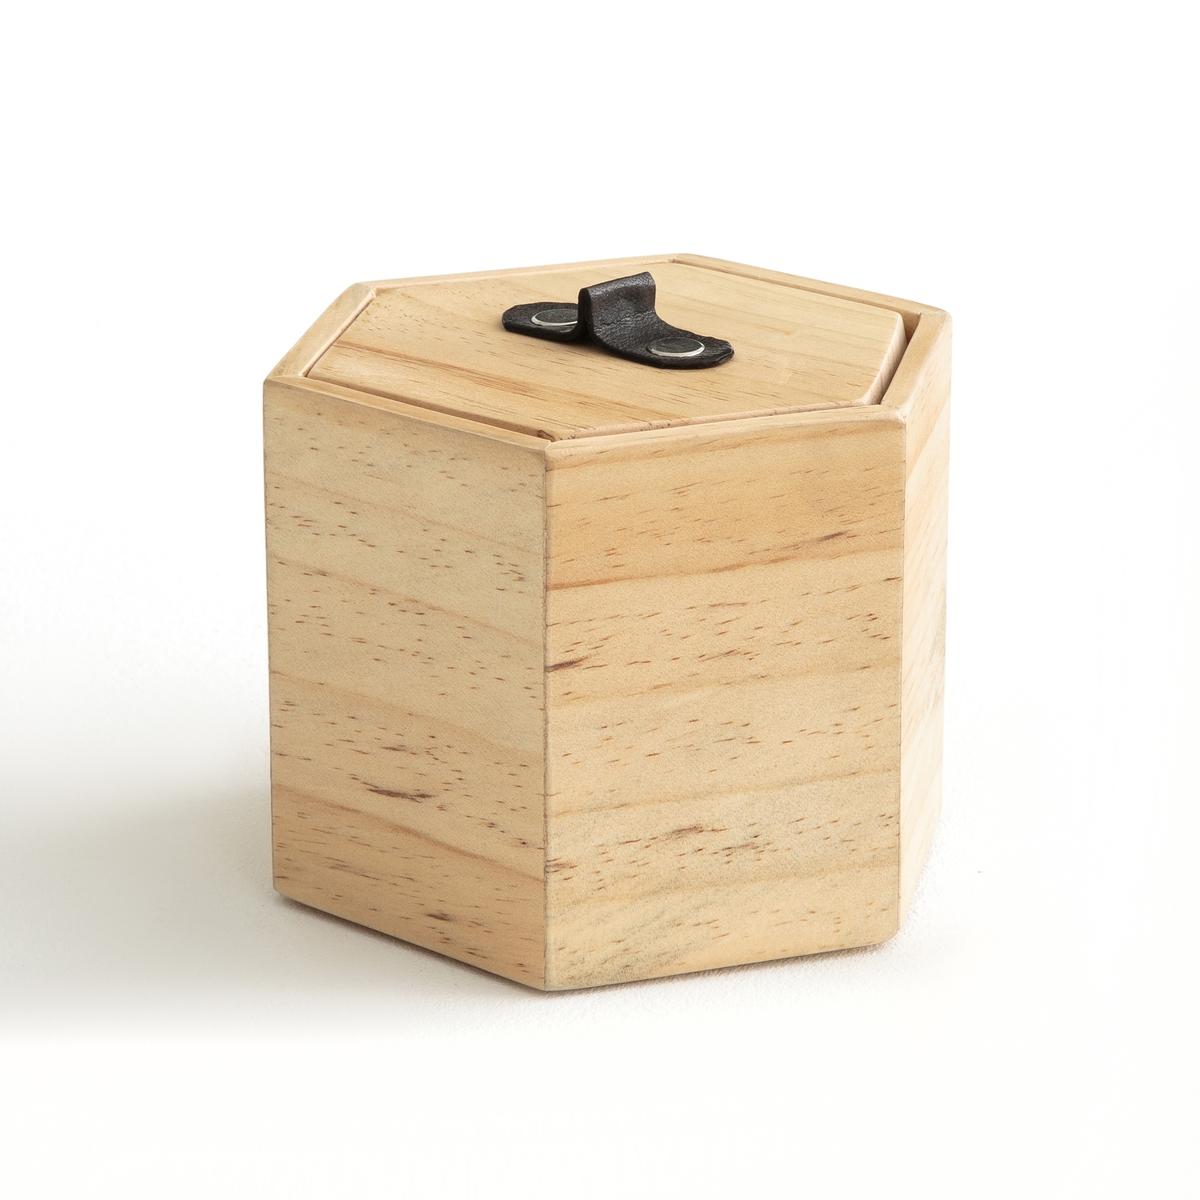 Коробка из дерева сосны и кожи GAFIAОписание:Коробка для вещей La Redoute Int?rieurs из дерева сосны и с ручкой из кожи для удобства хранения ваших вещей.Описание коробки Gafia  :Коробка из дерева сосны с крышкой .Кожаная ручка.Откройте для себя всю коллекцию декора на сайте laredoute.ruРазмеры коробки Gafia :11,5 x 13 см Высота : 10 см<br><br>Цвет: серо-бежевый<br>Размер: единый размер